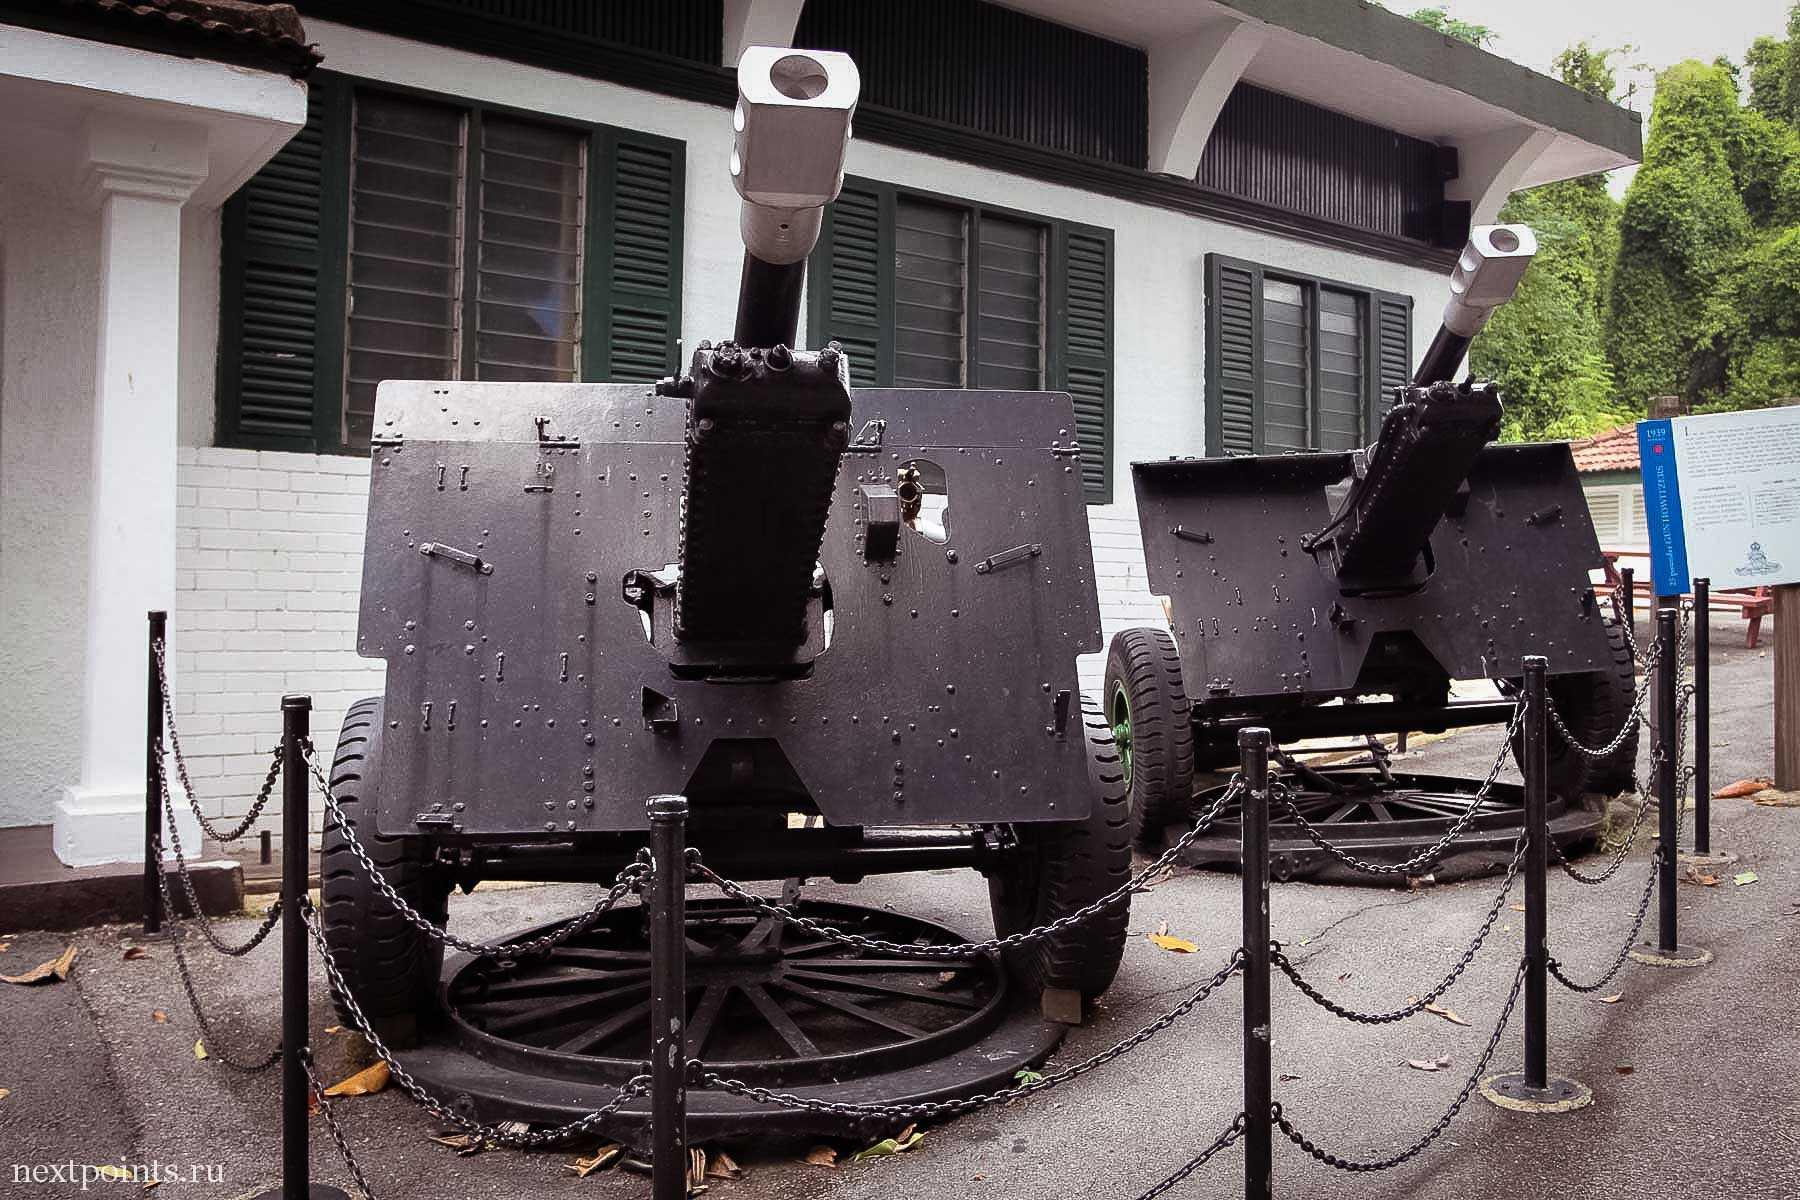 Тяжелое военное оружие в Пушки в Форте Силосо (Siloso) на Сентозе (Sentosa)